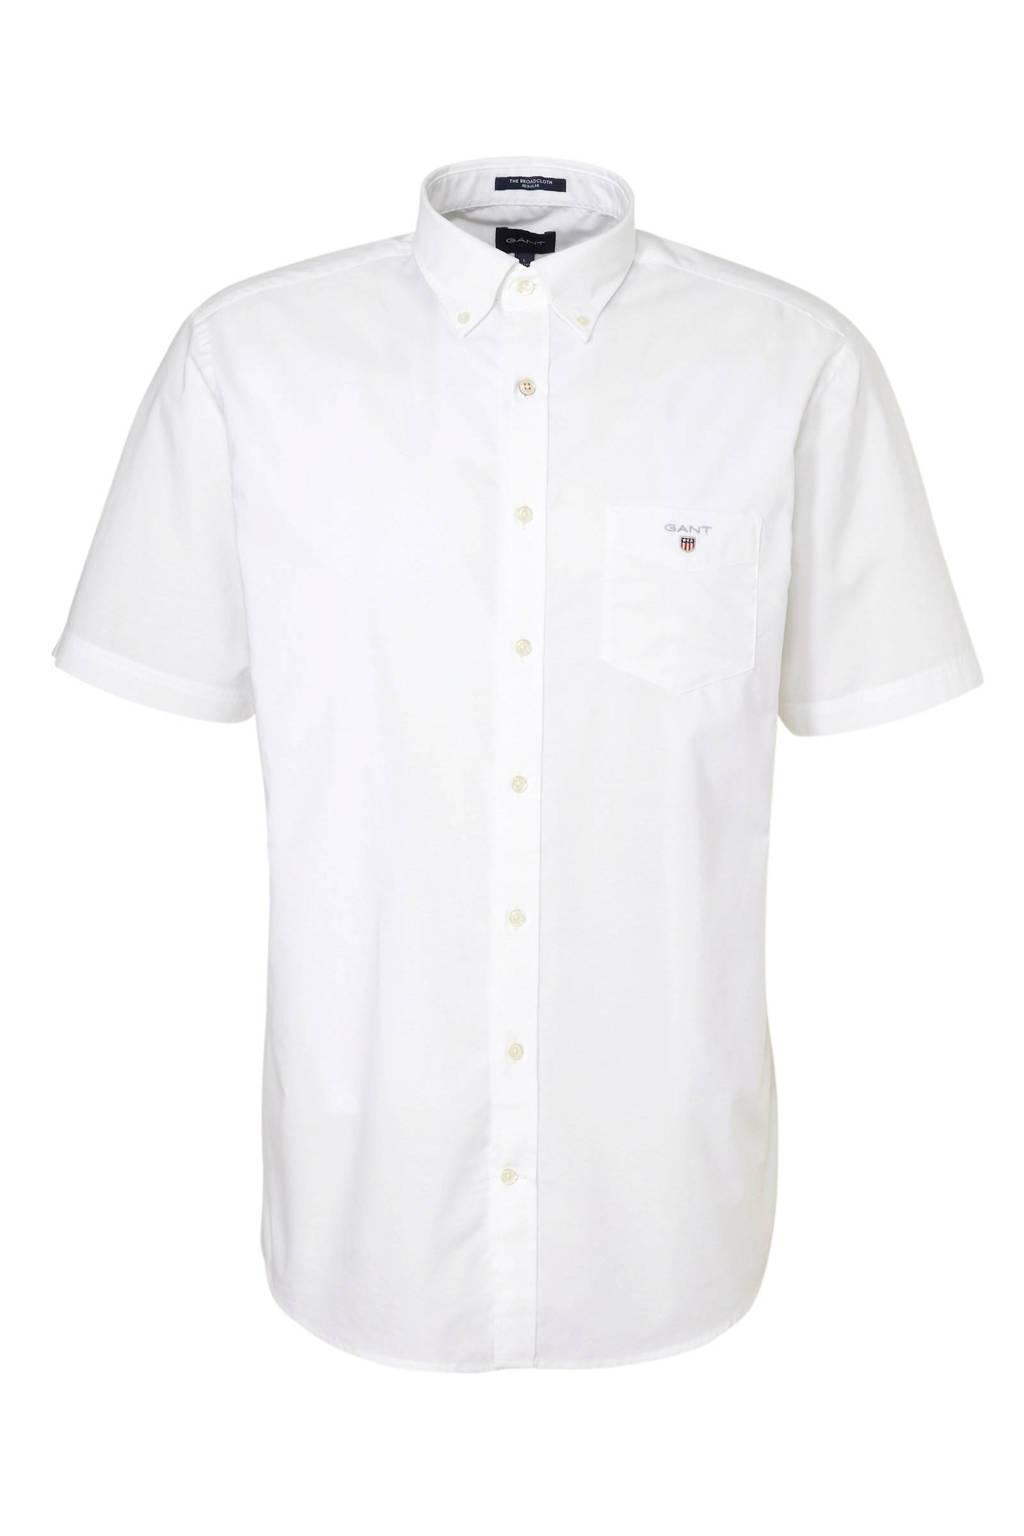 GANT regular fit overhemd wit, Wit